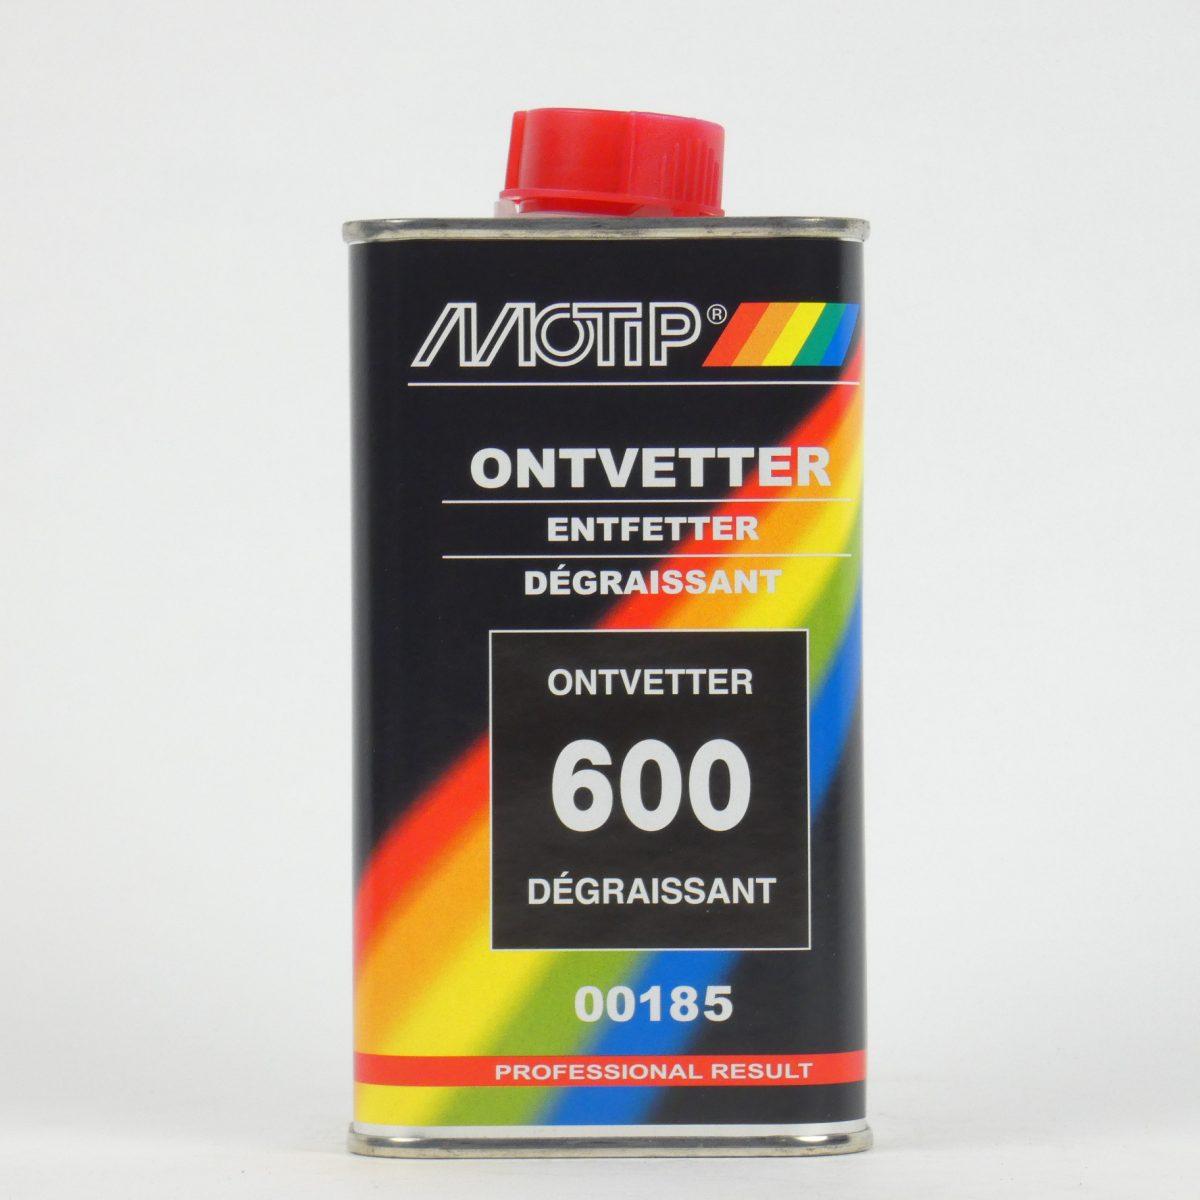 motip-000185-ontvetter-dosgros-auto-materialen-brezan-drachten-oosterwolde